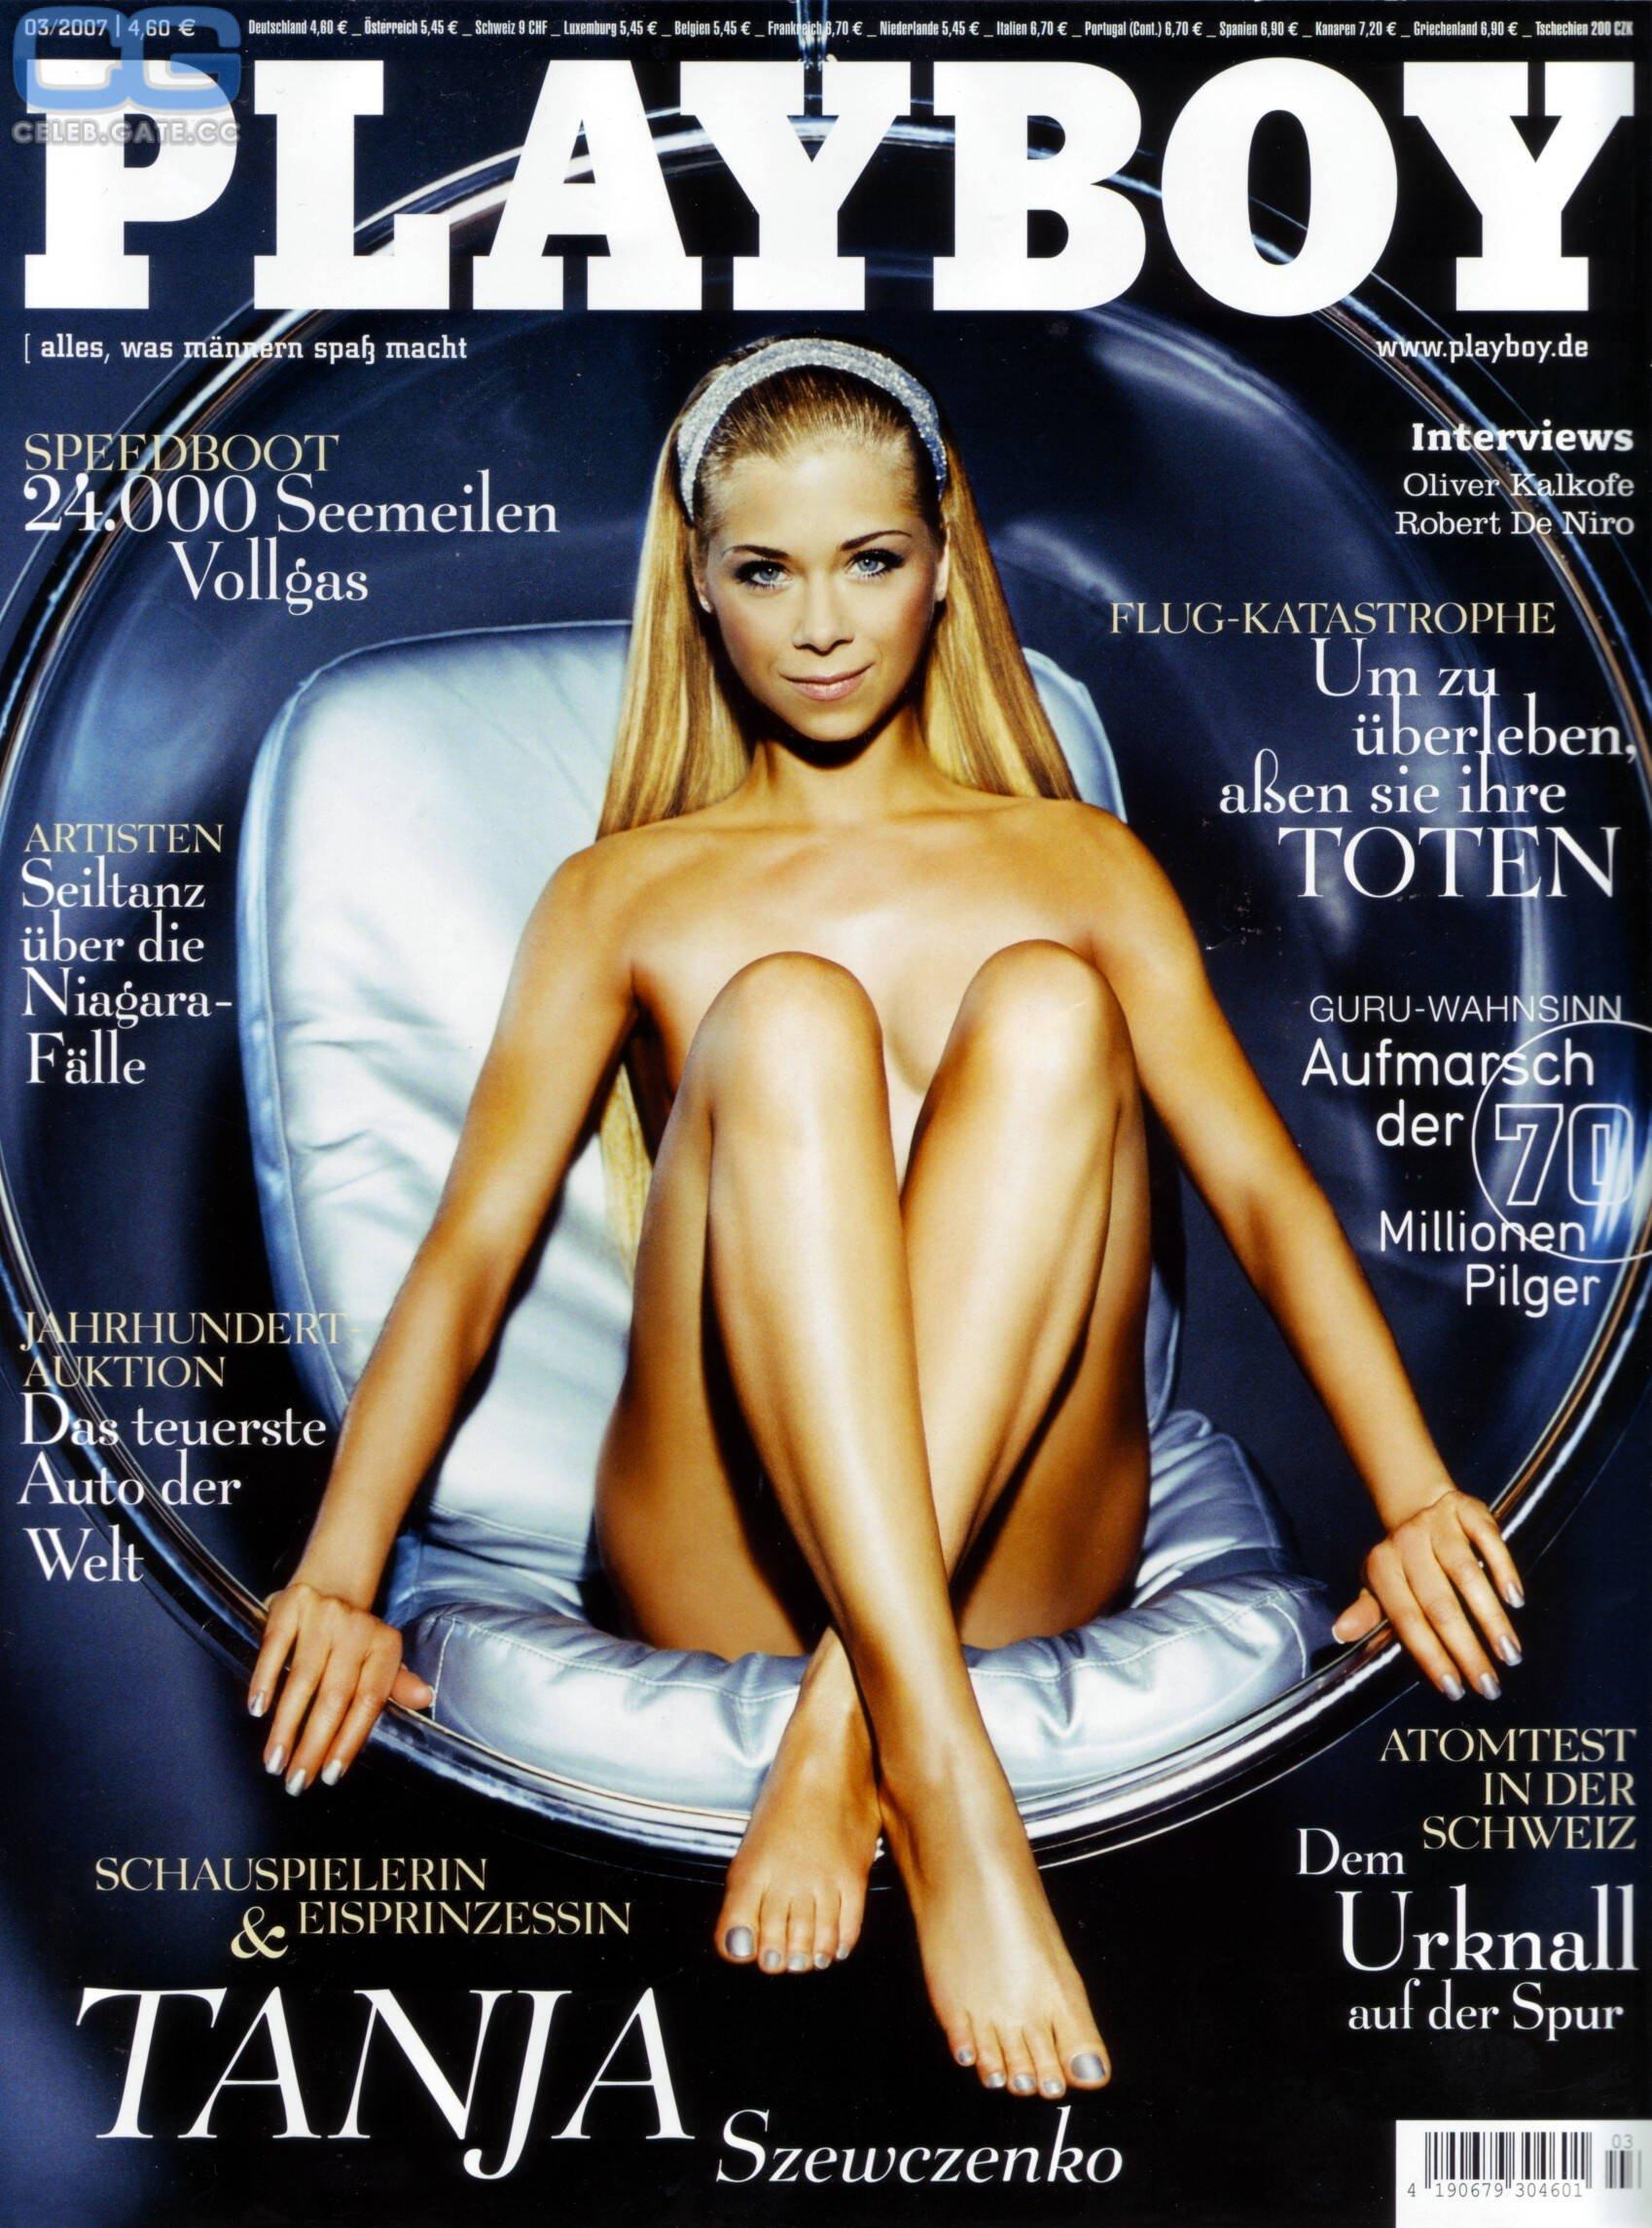 Capa da Playboy - Tanja Szewczenko, patinadora alemã. Foto: Divulgação / Revista Playboy